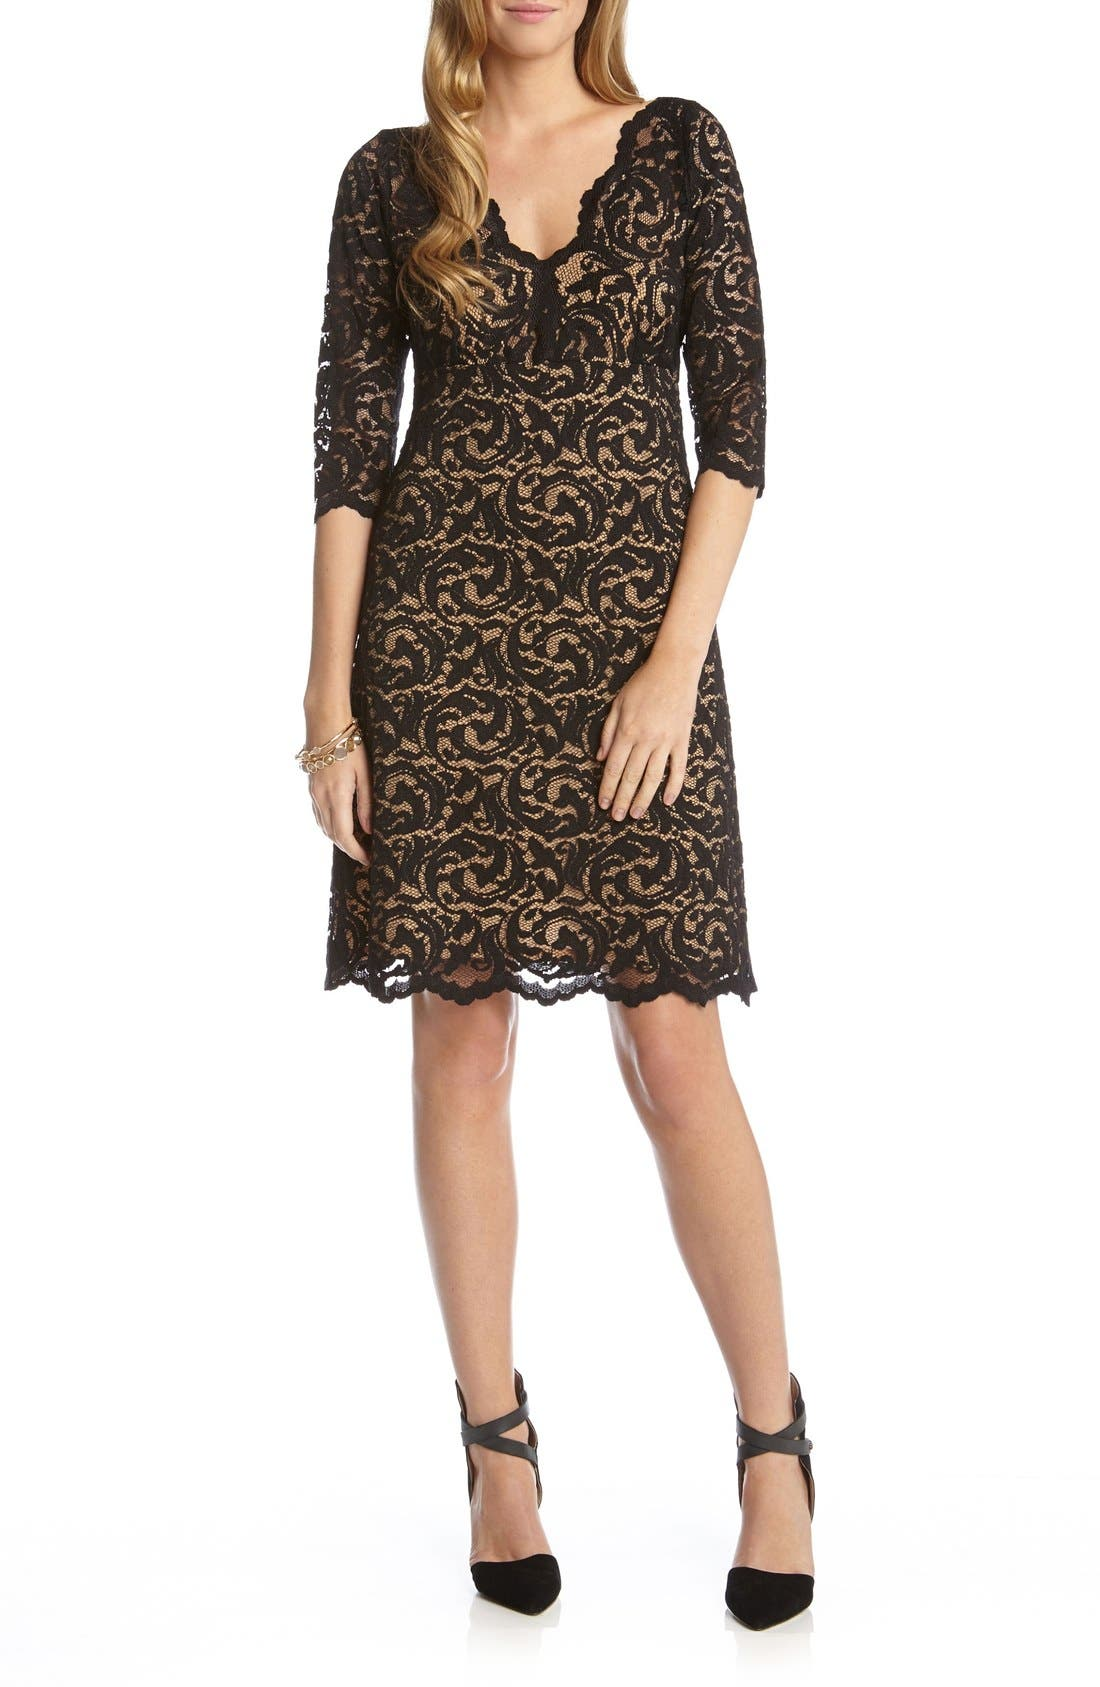 KAREN KANE Scalloped Lace V-Neck Dress